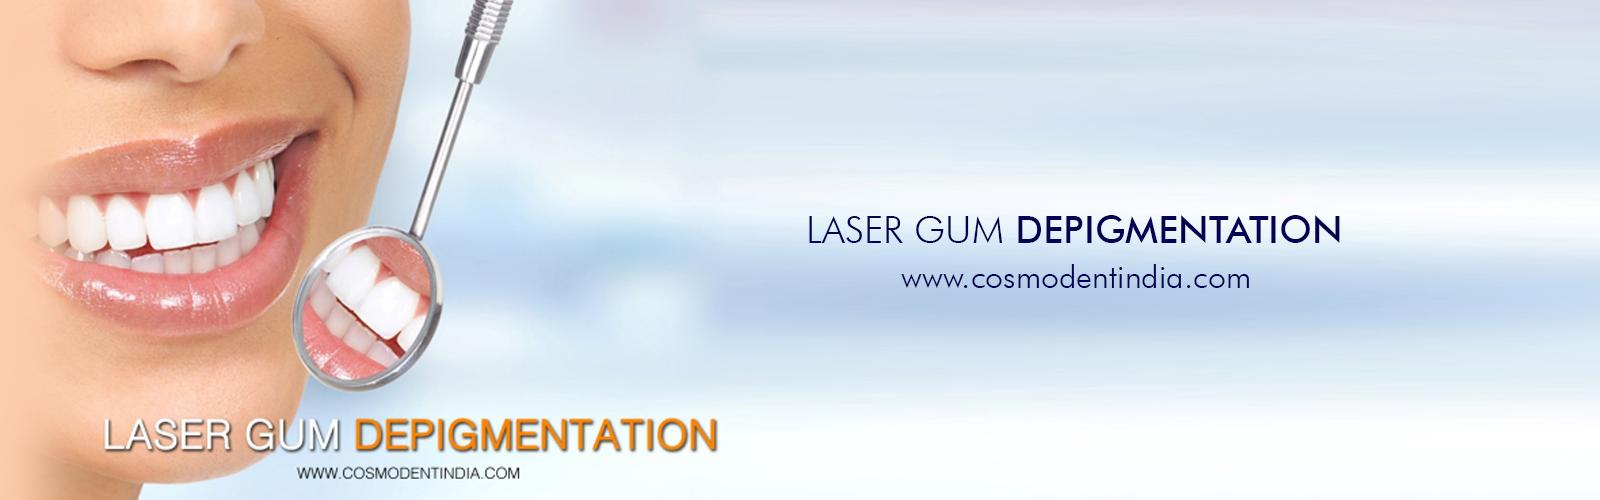 dépigmentation laser-gomme